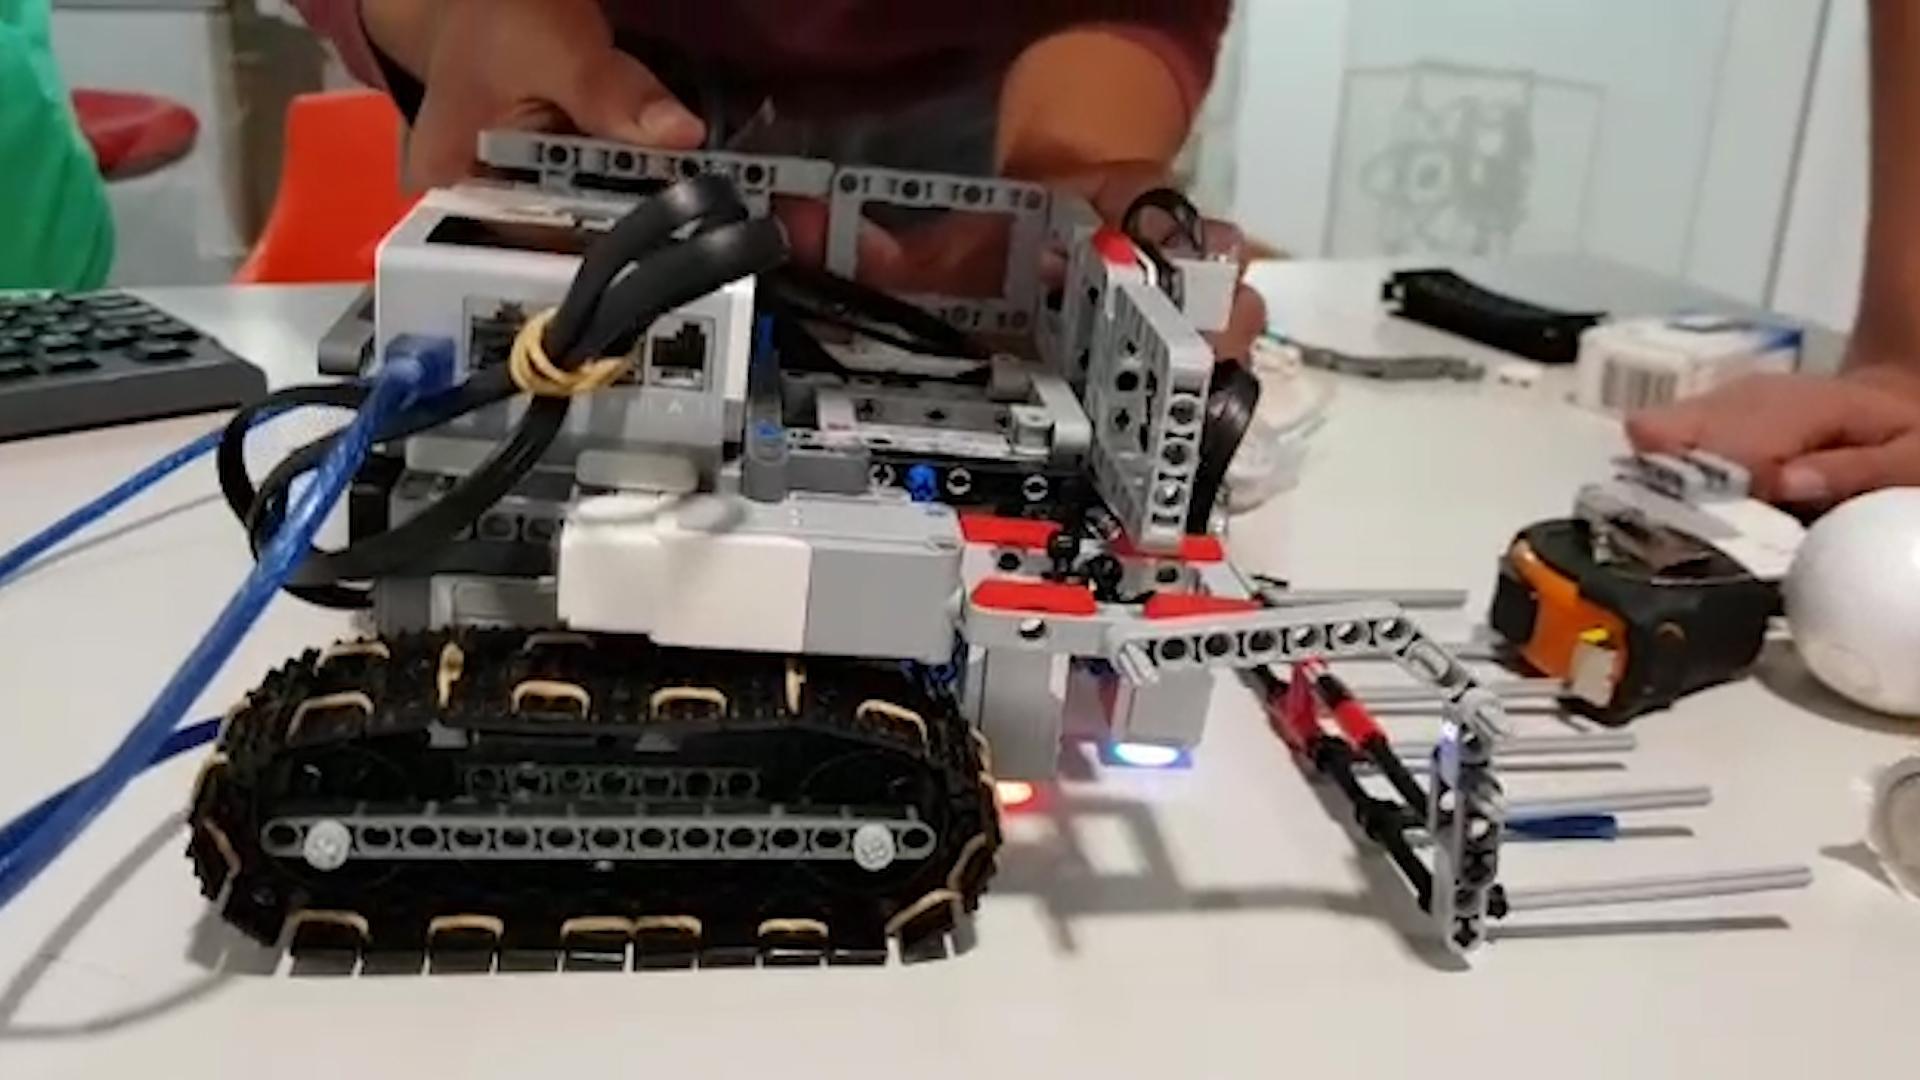 El robot que crearon se mueve de manera autónoma y es capaz de sortear obstáculos.